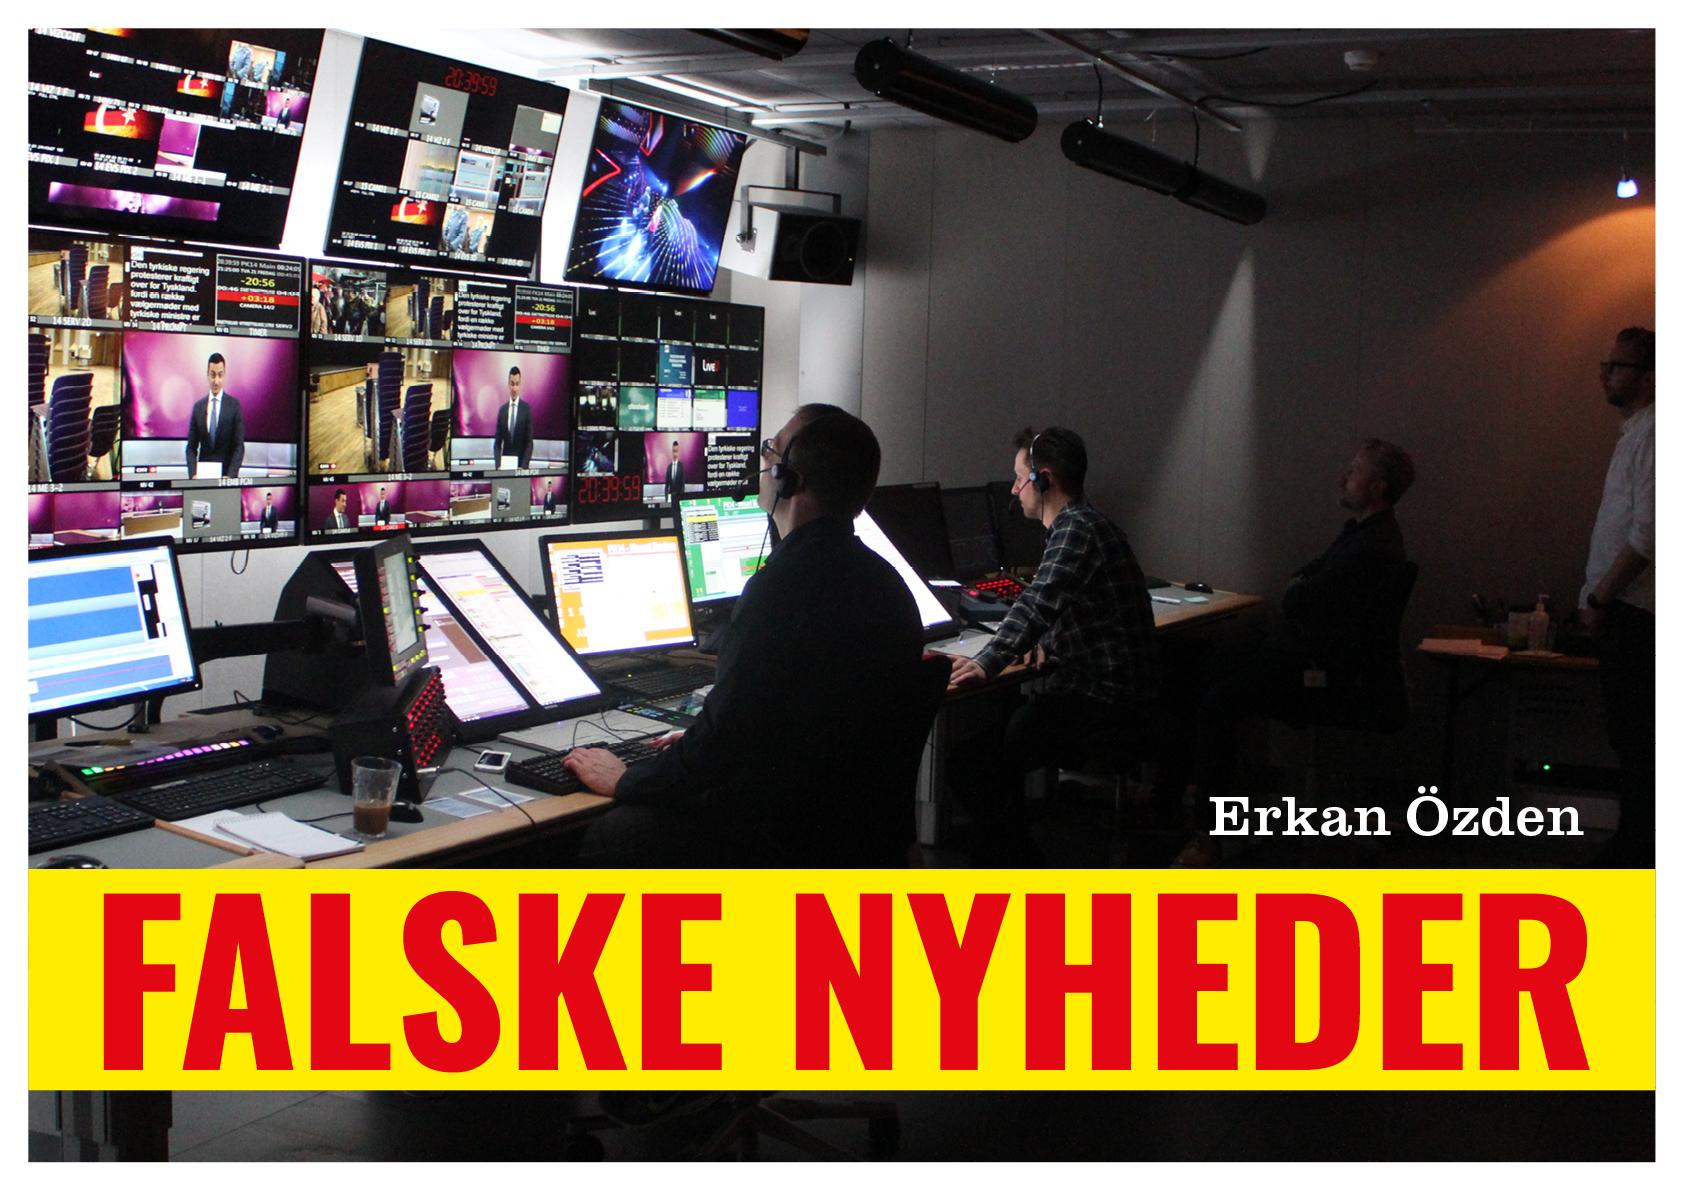 Ebog Erkan Özden Falske nyheder cover